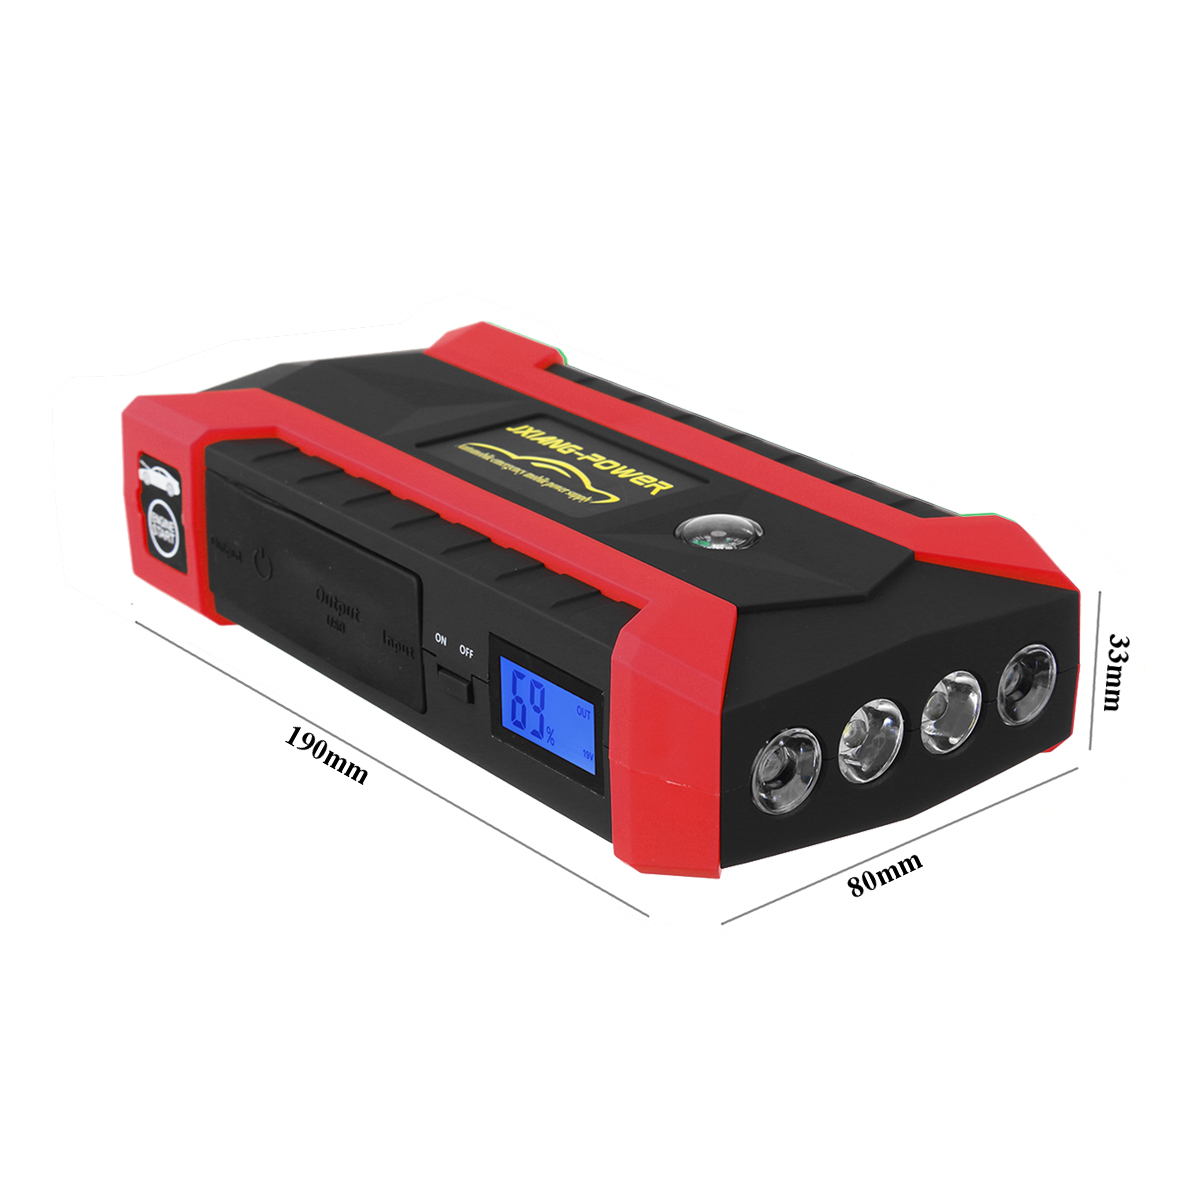 Démarreur de Saut De voiture 600A 89800 mAh Multifonction Chargeur De Voiture Démarreur de Saut De Batterie 4USB lumière LED Automatique Portable De Secours de batterie externe - 5